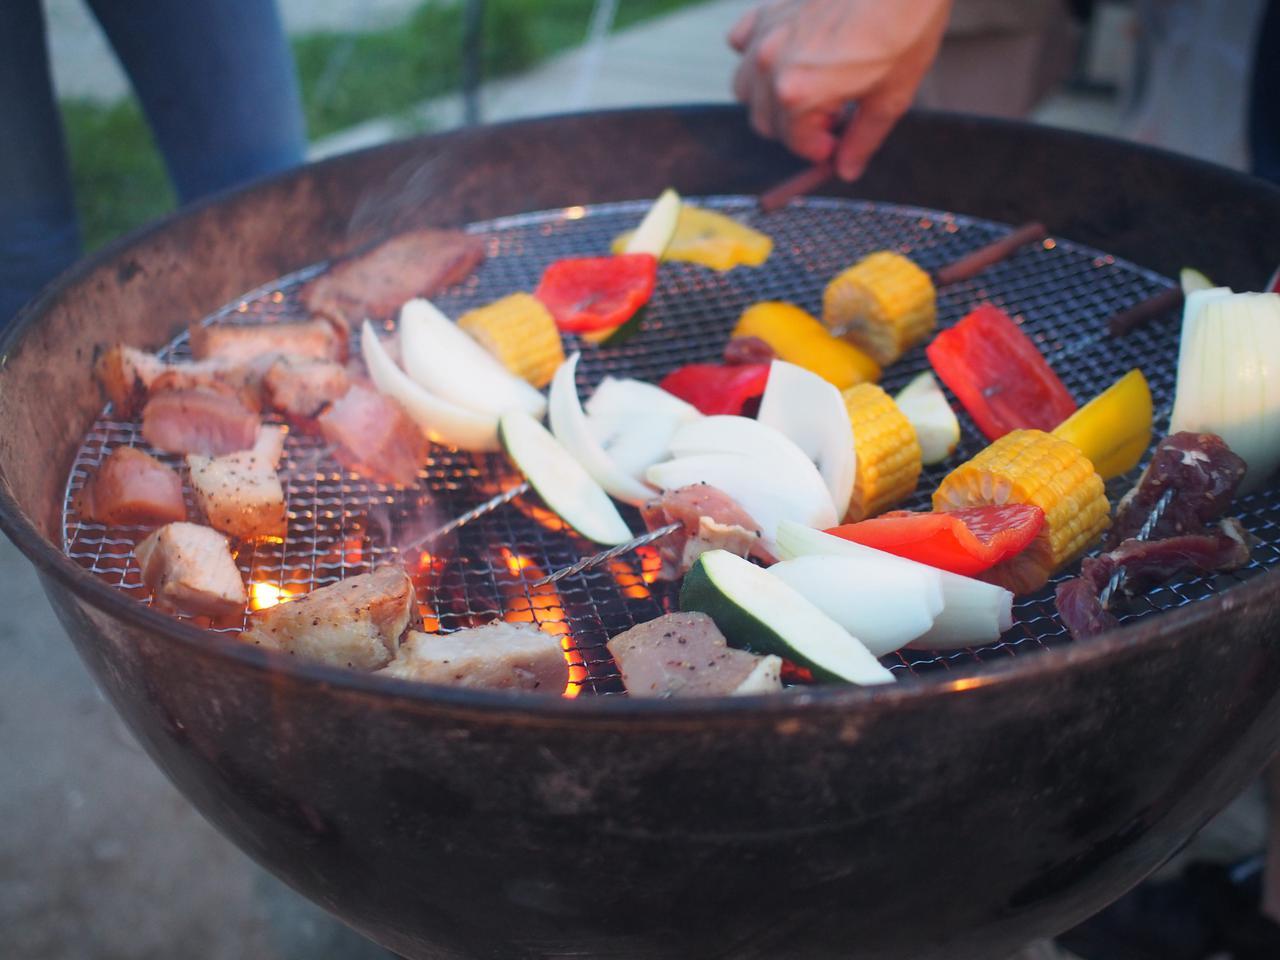 画像: 【バーベキューコンロ&グリルの種類】 キャンプで焚き火をするなら焚き火台型・大人数ならパーティ型